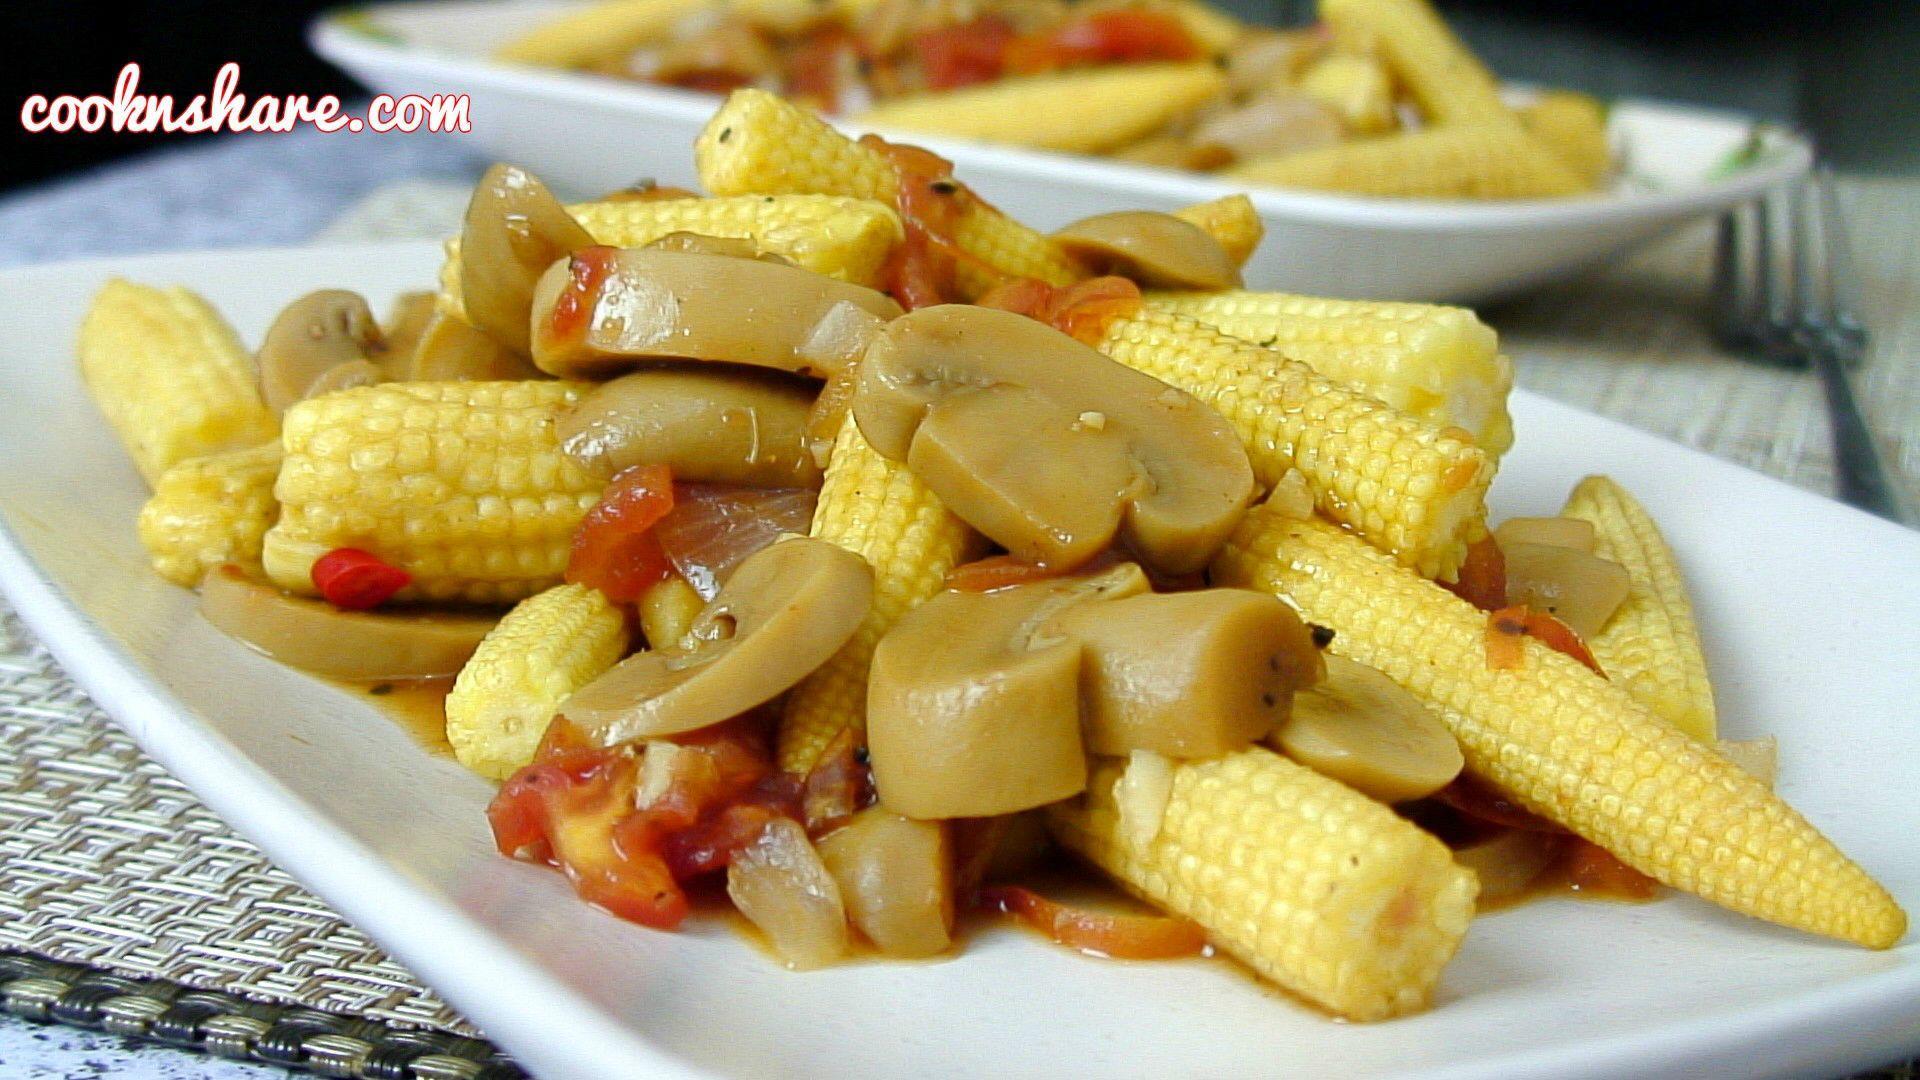 Corn wallpaper photo full hd